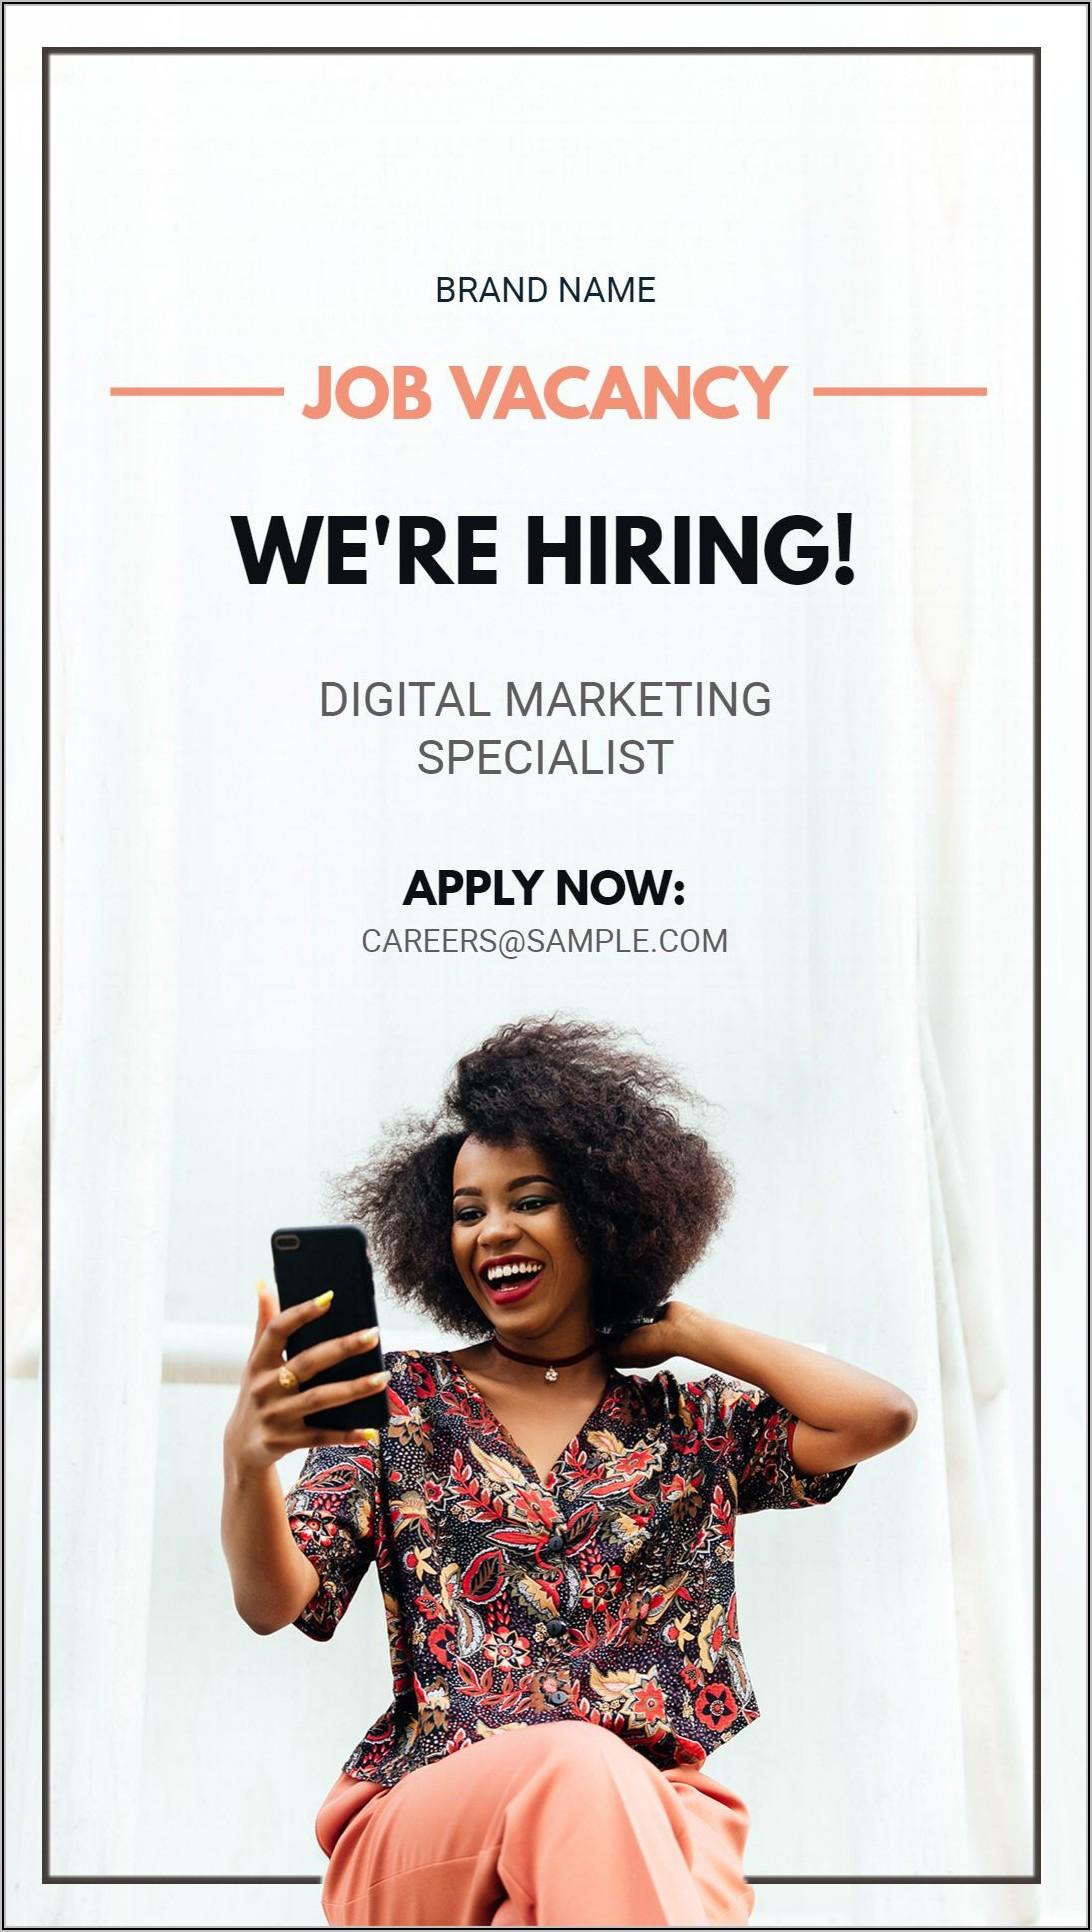 Job Vacancy Advert Template